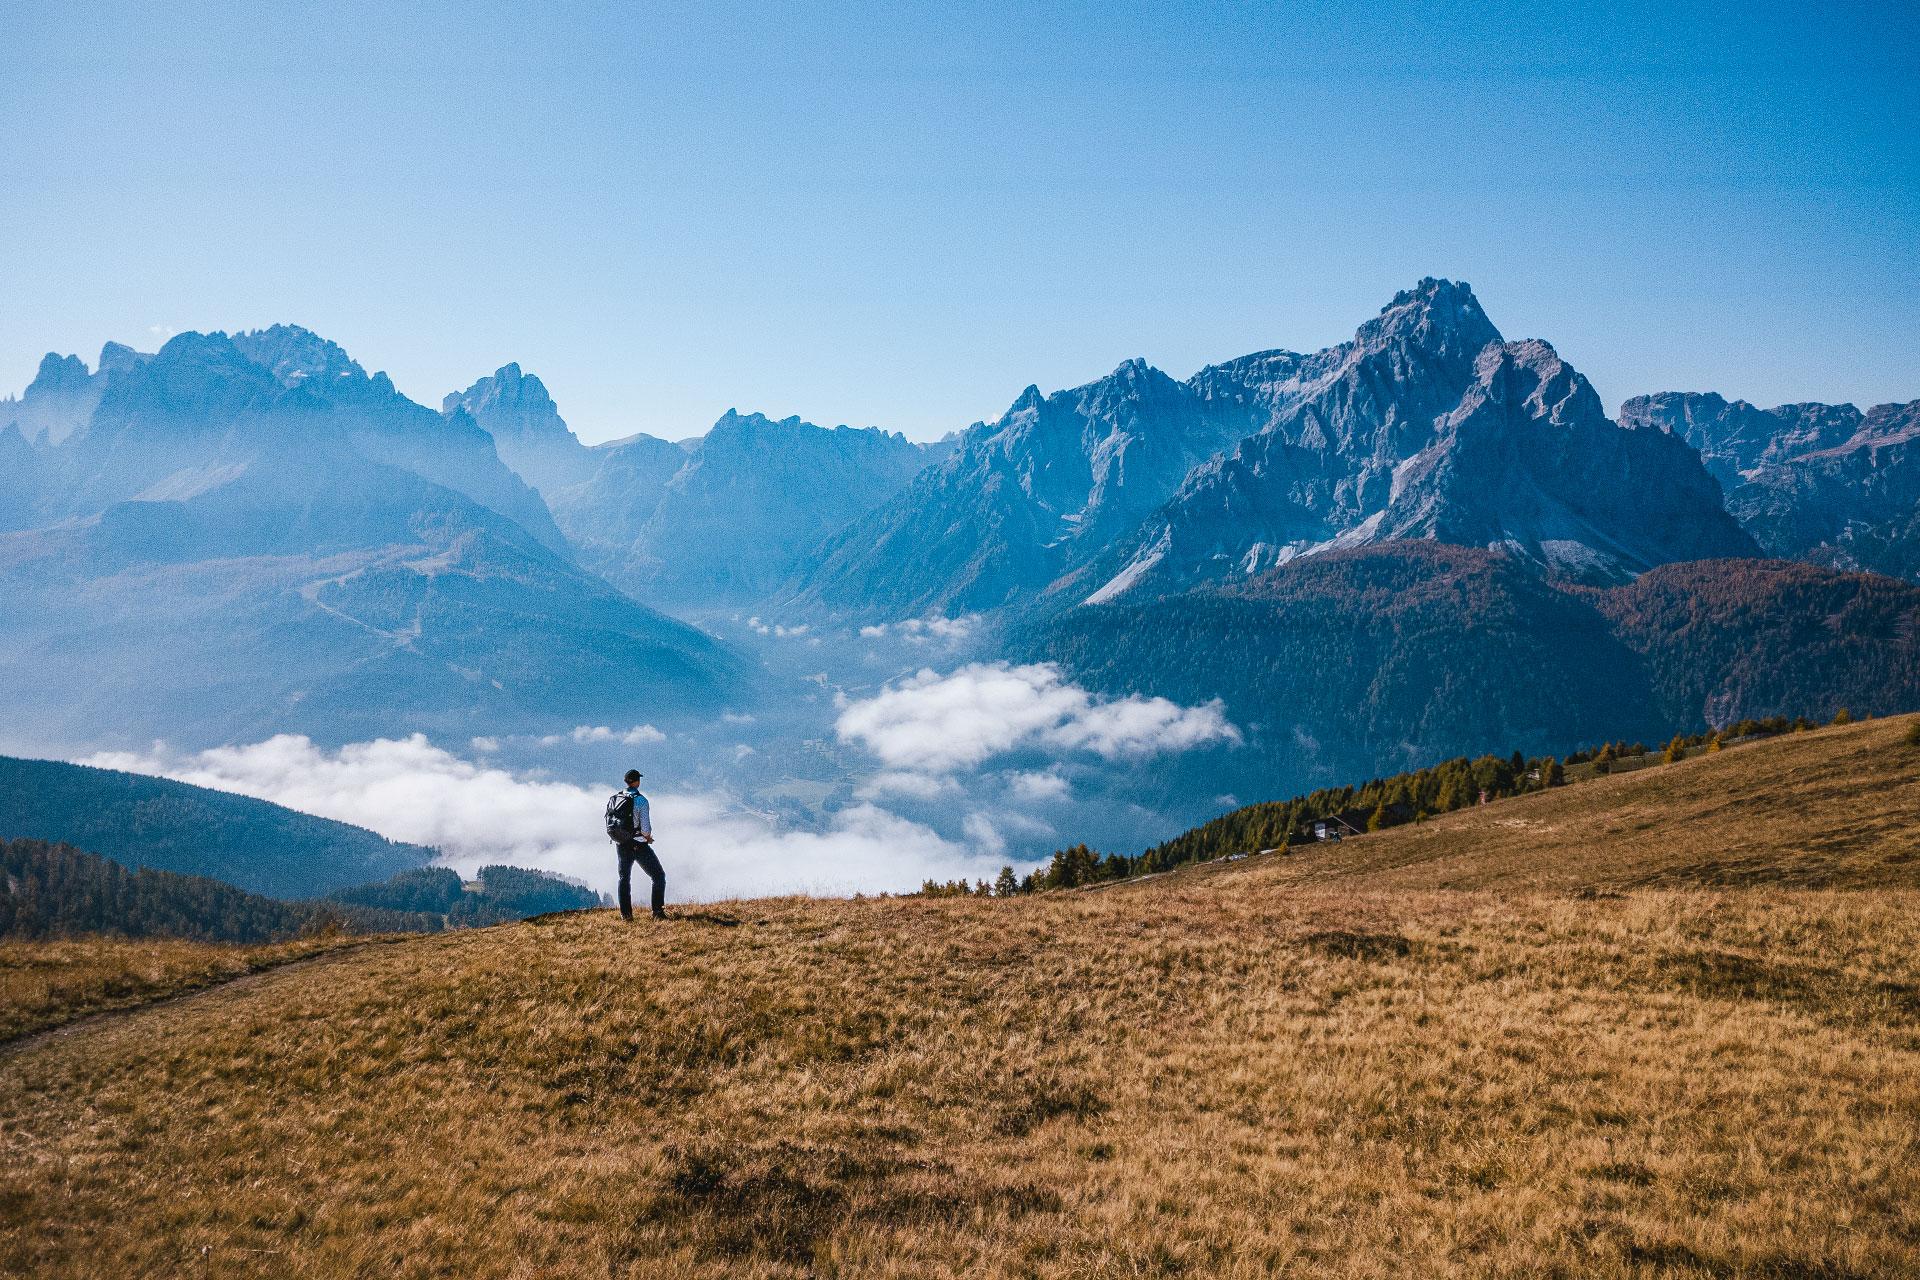 Der Blick vom Helm in Richtung Sextner Dolomiten ist atemberaubend schön